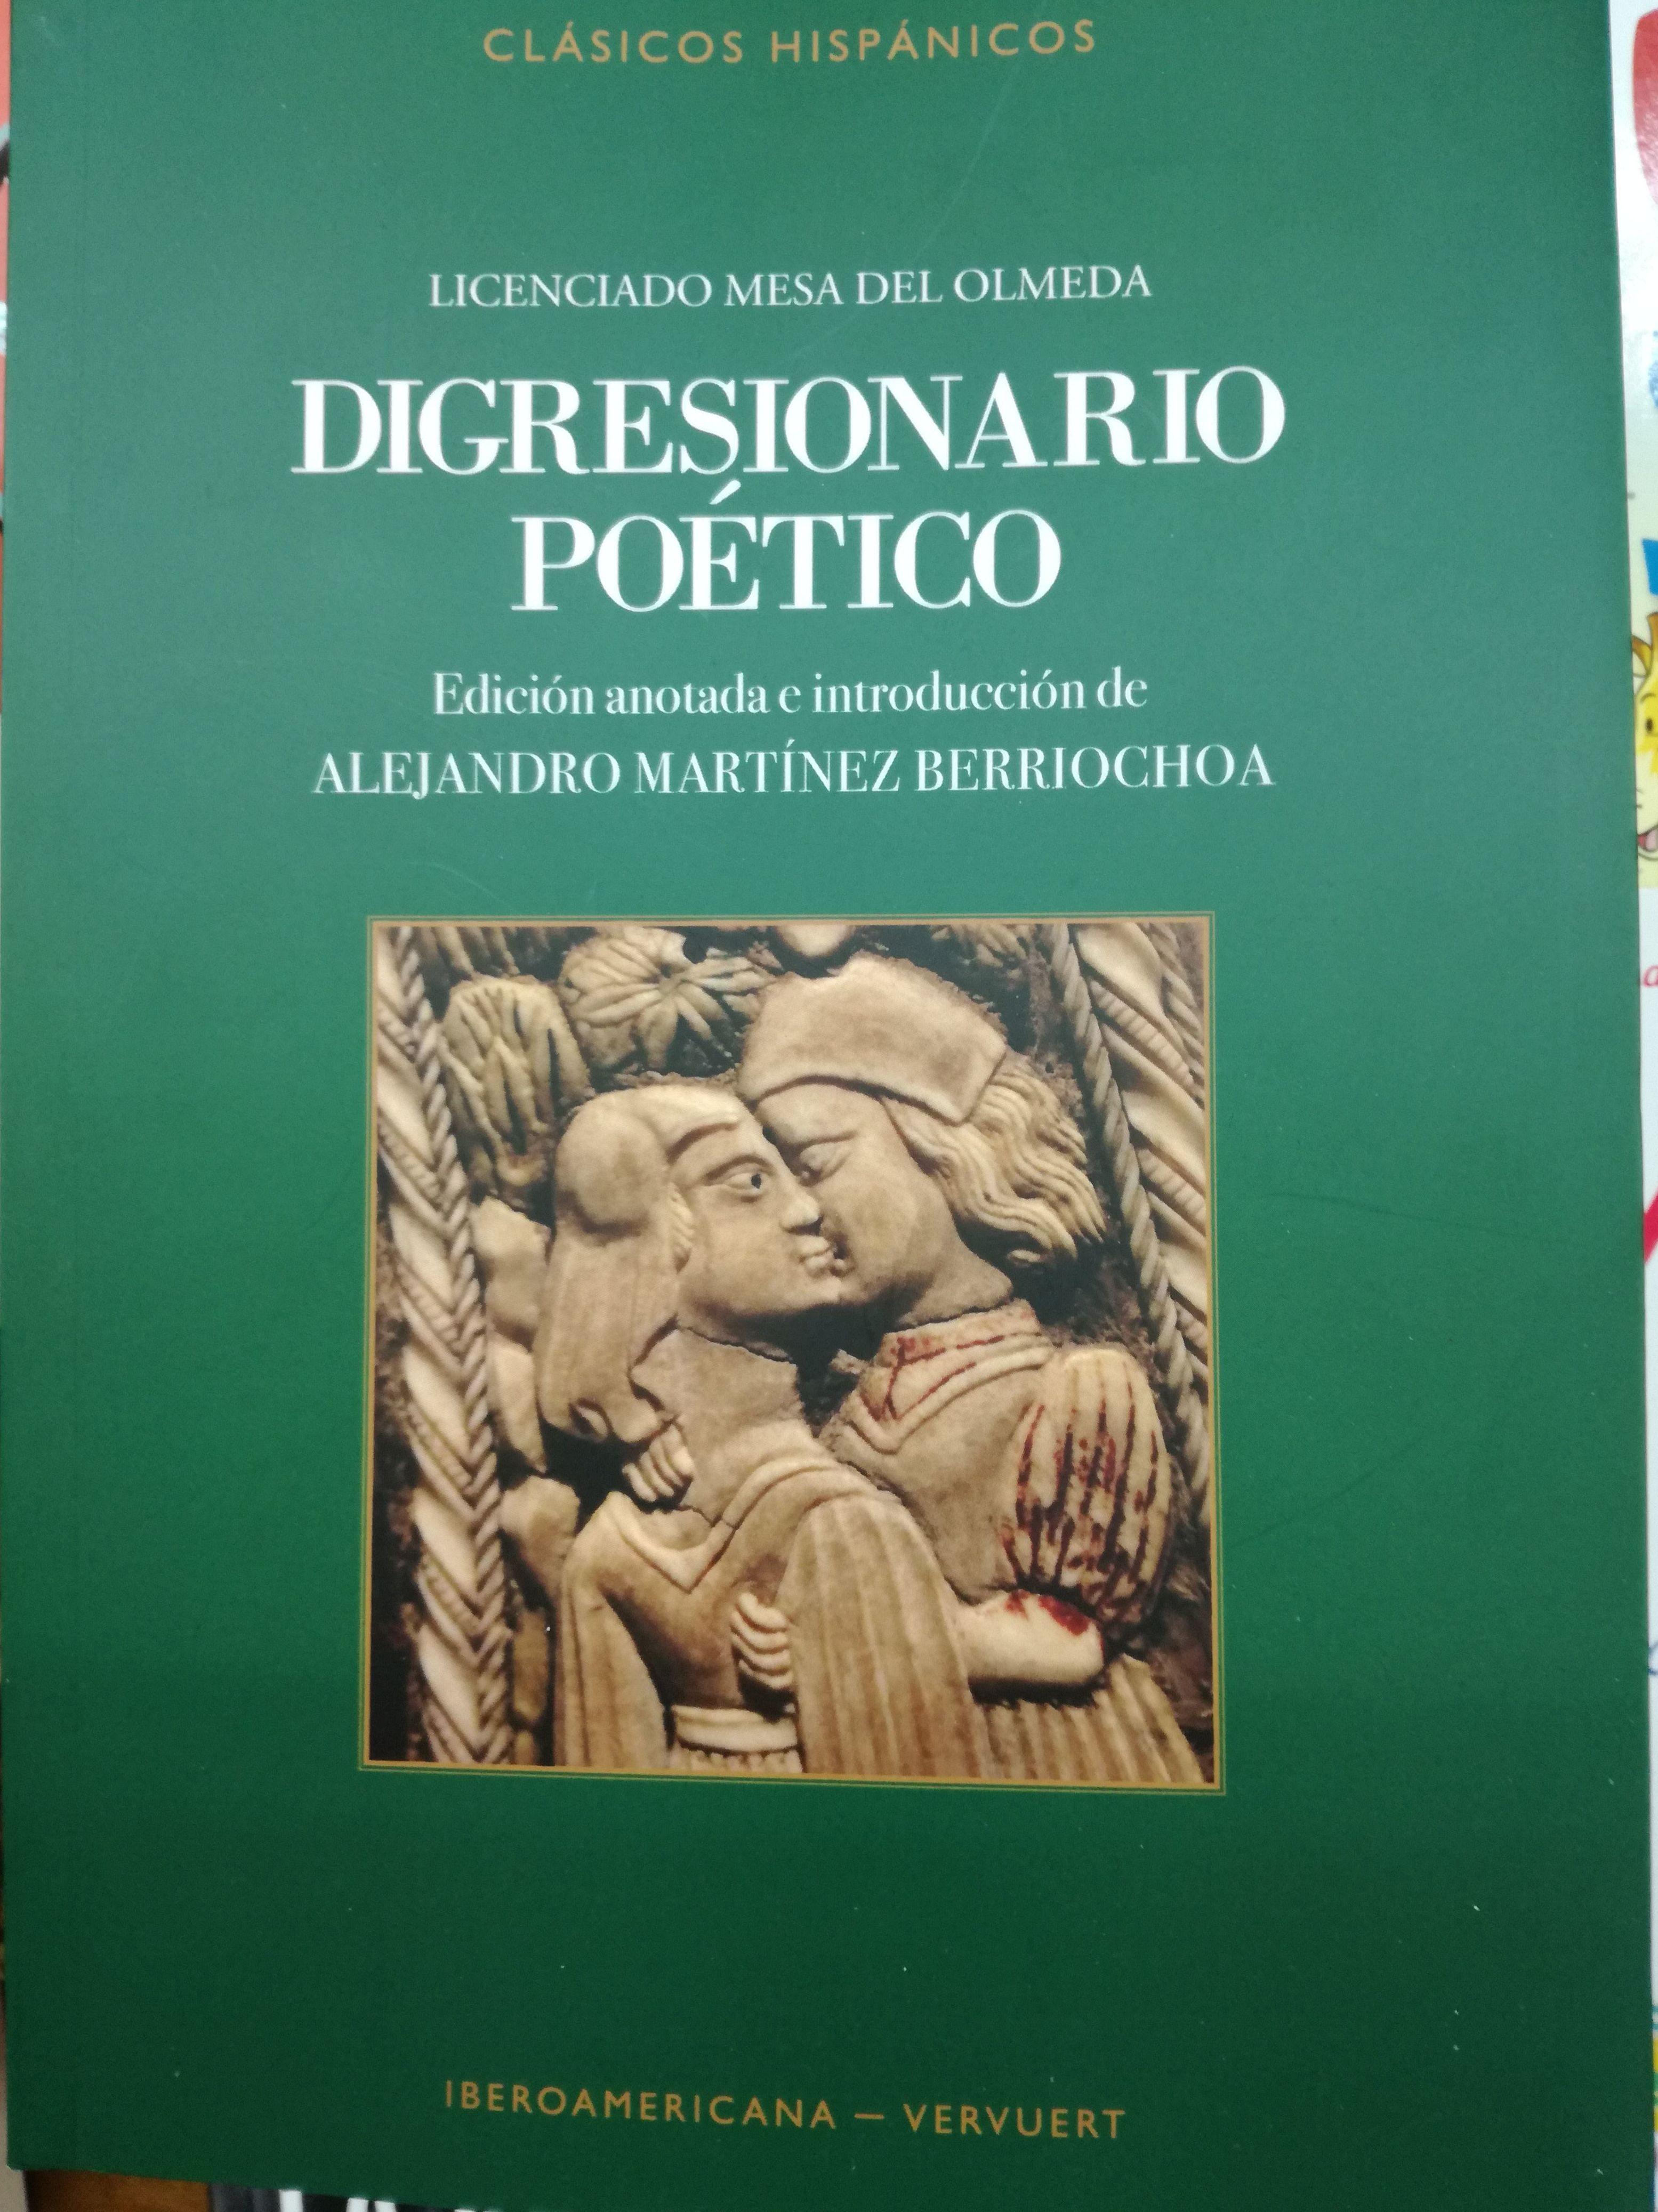 Digresionario Poetico: SECCIONES de Librería Nueva Plaza Universitaria